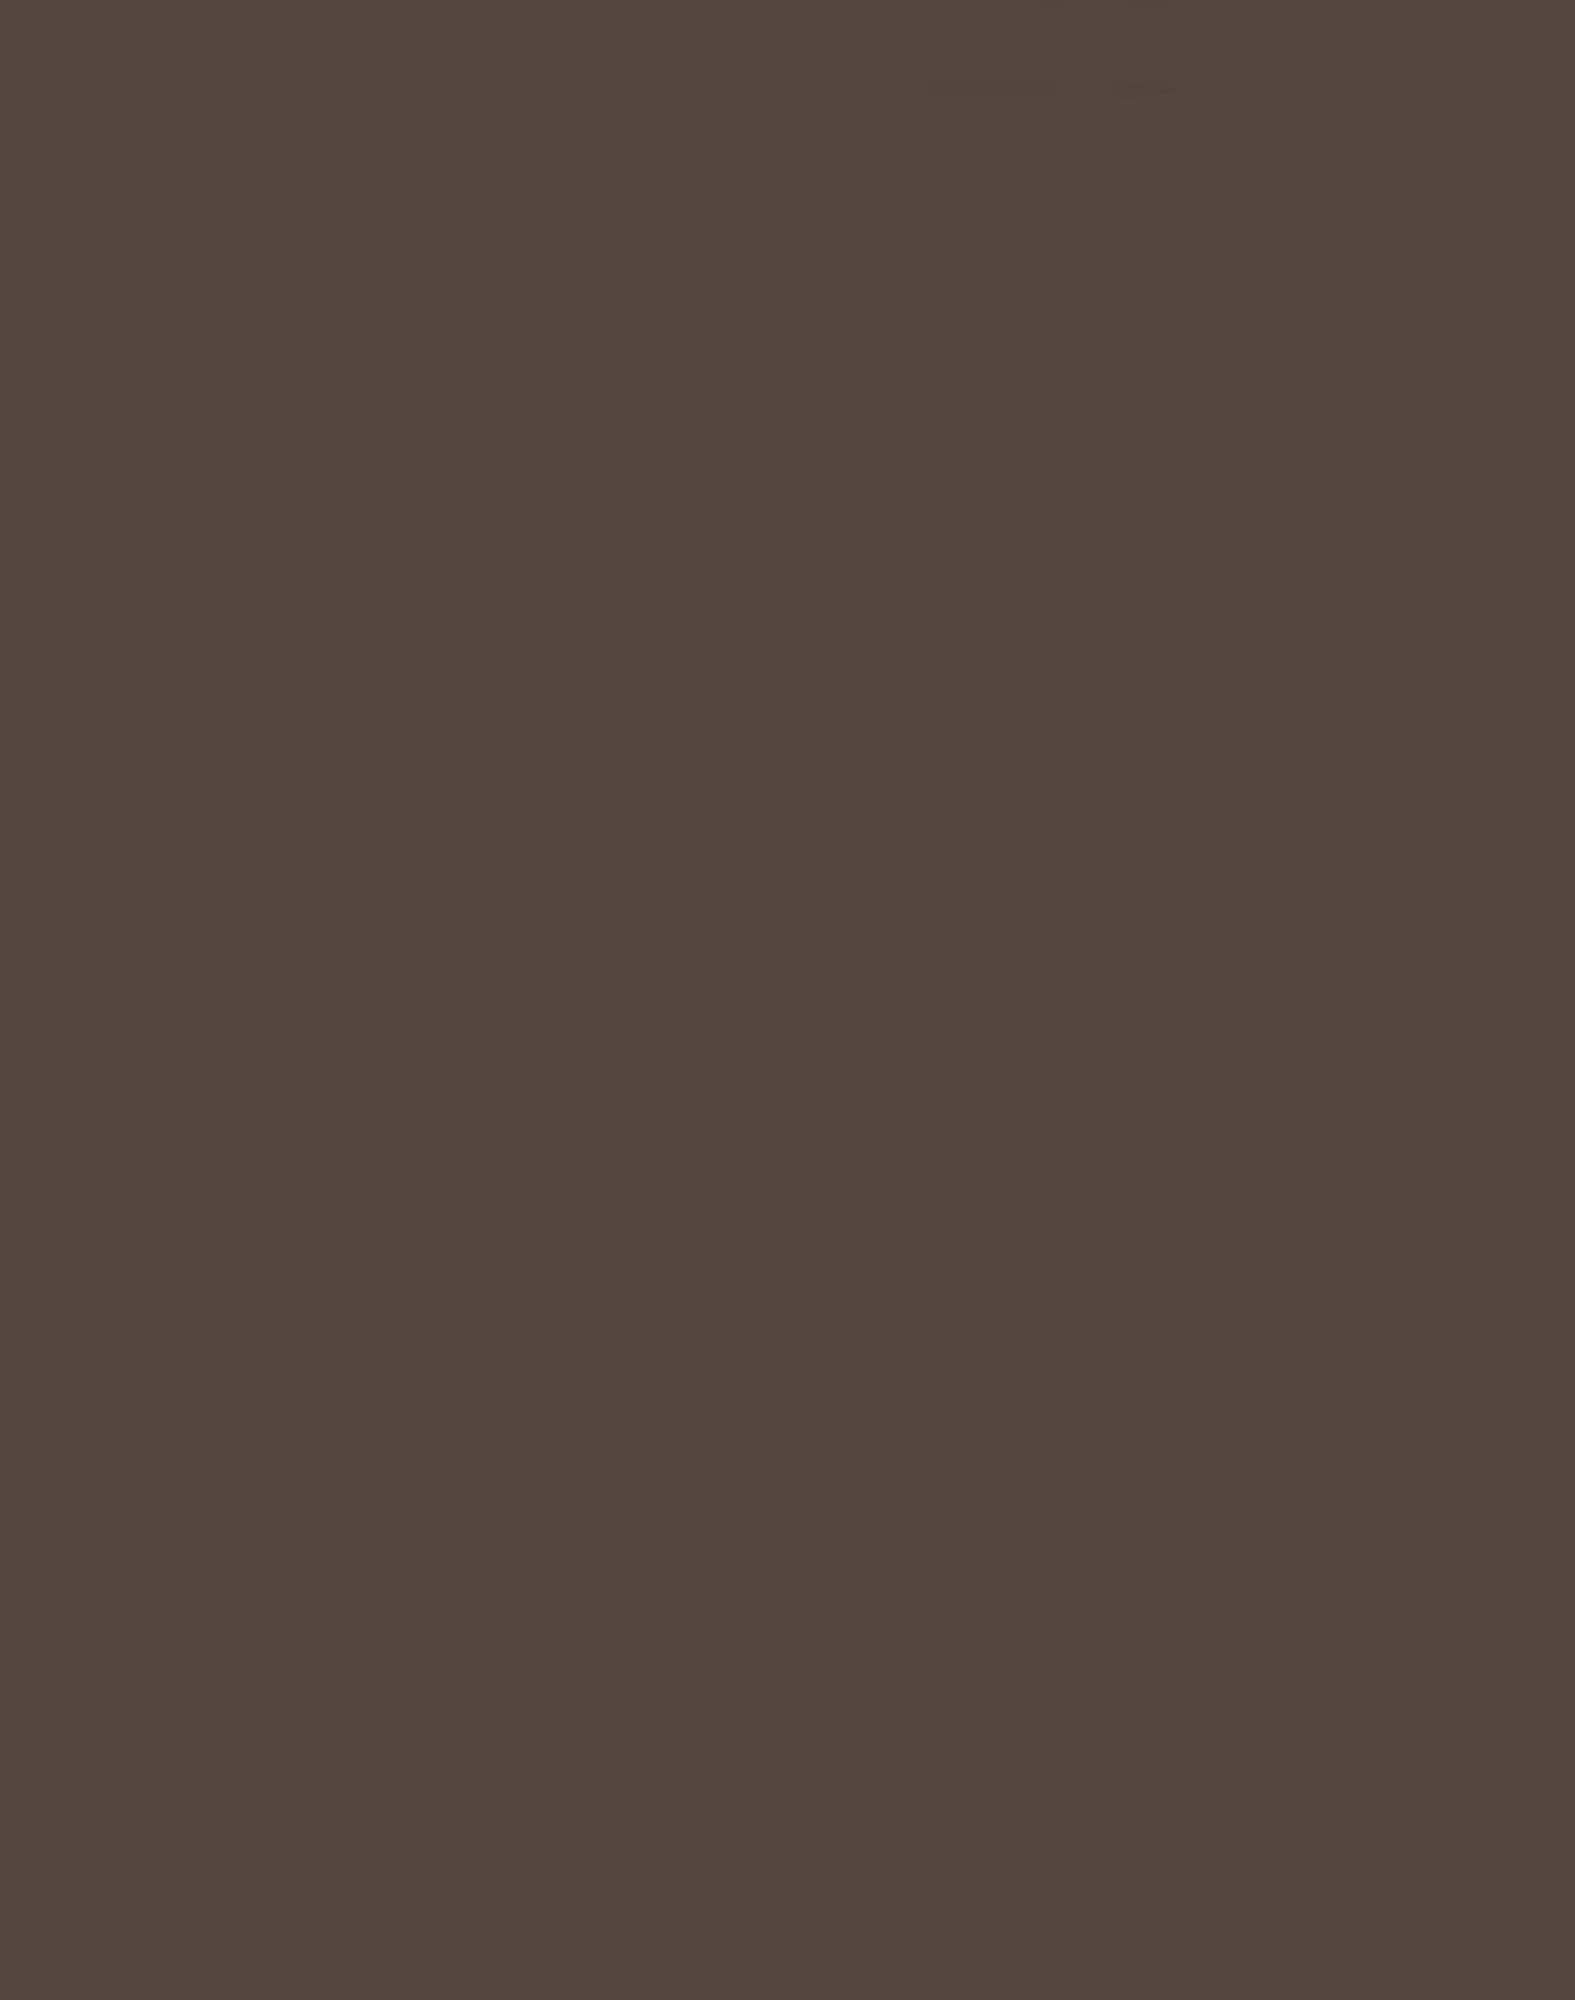 Dark Truffle 85,70,64